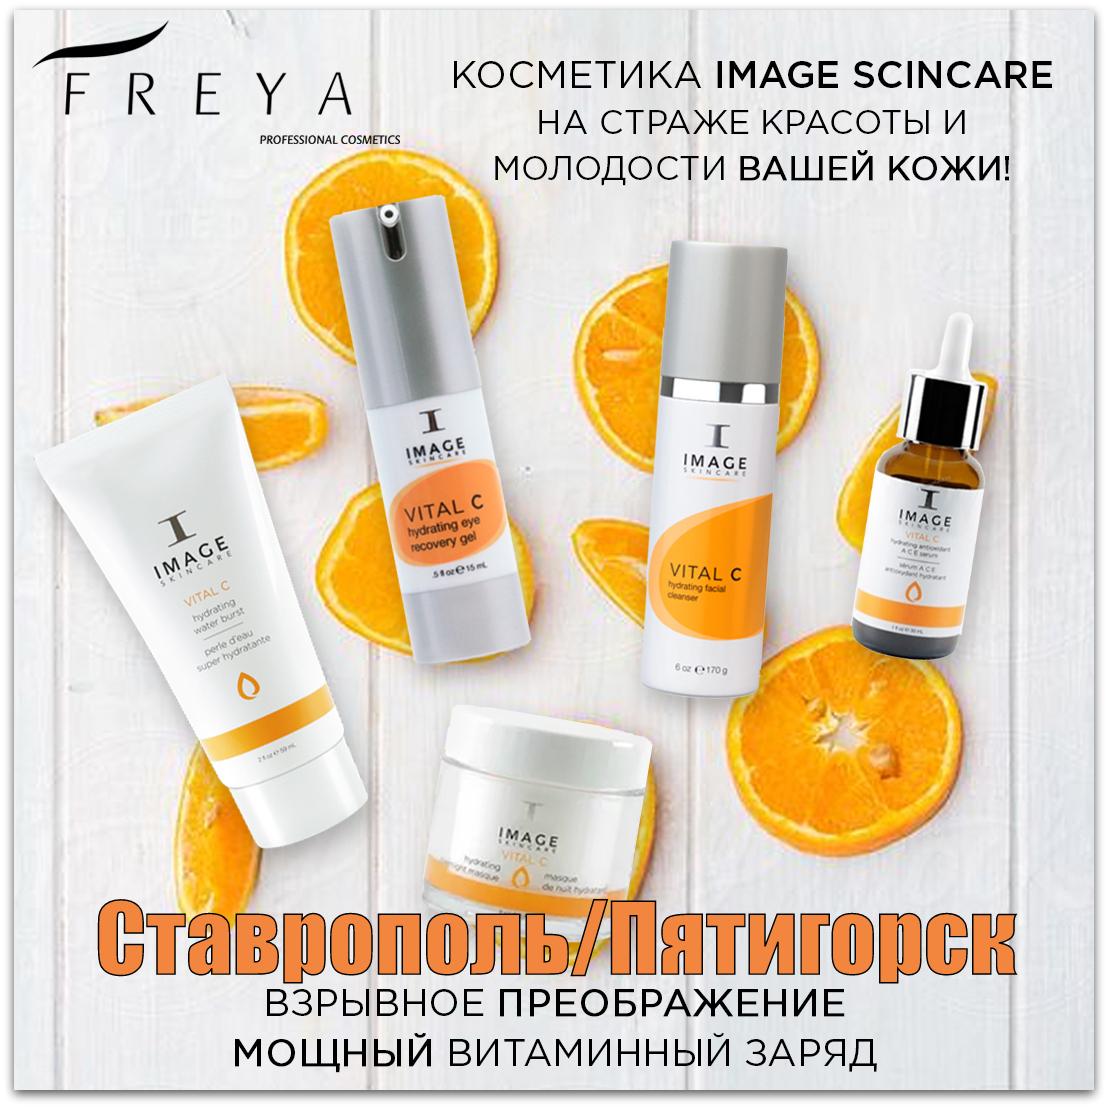 Косметическая линия Image Skincare в Ставропольском крае